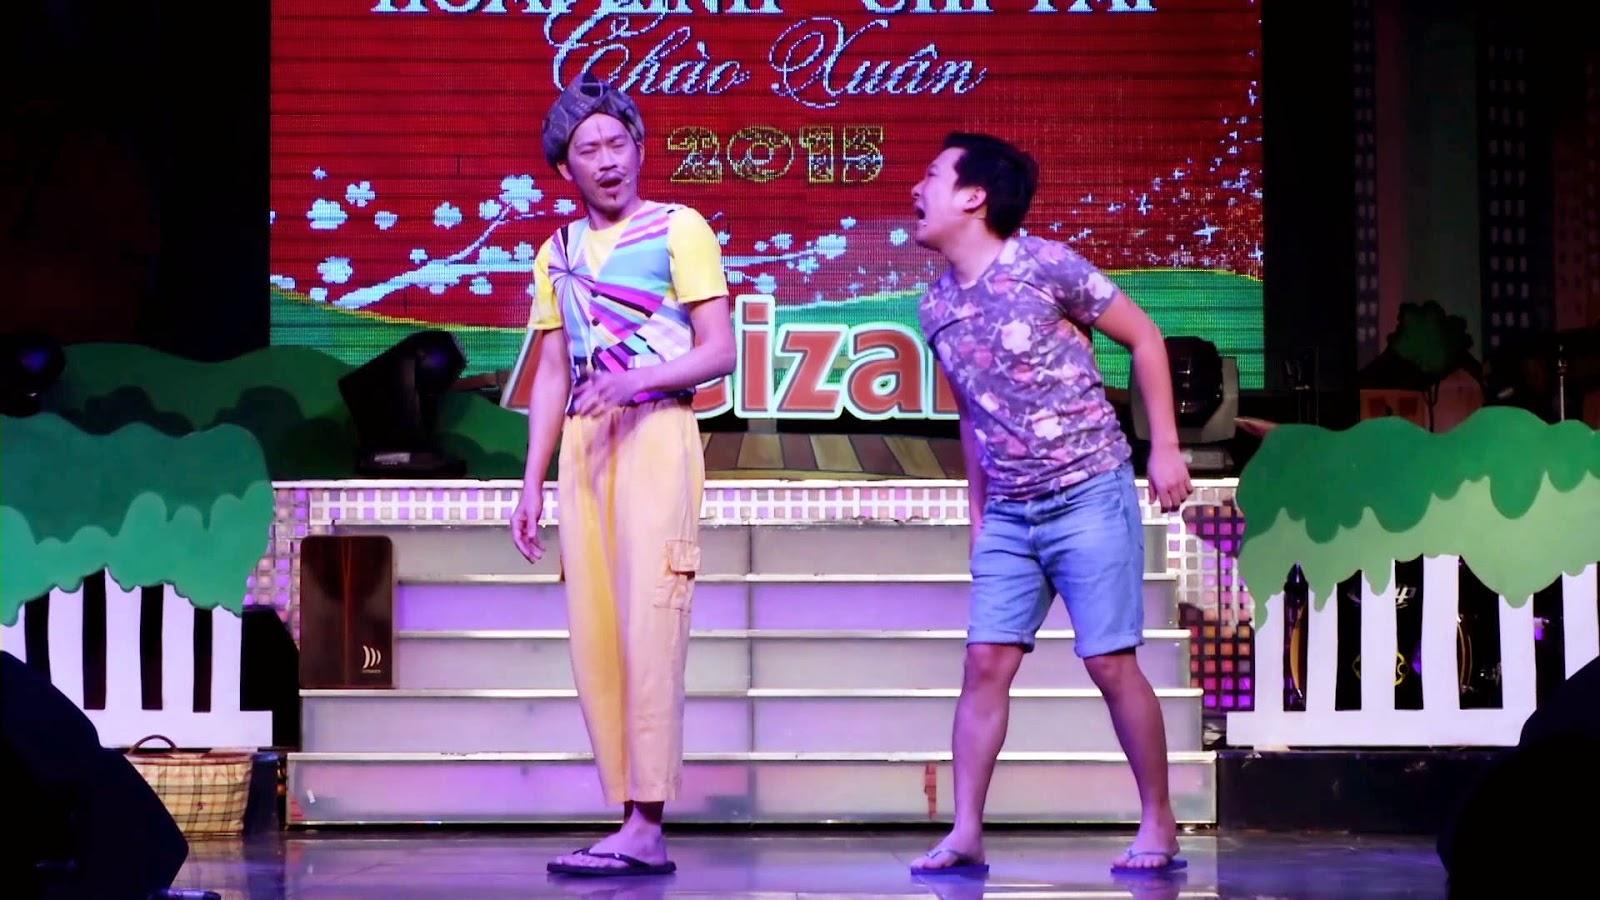 Hoài Linh, Chí Tài hội ngộ - Hài kịch đặc sắc Tết Ất Mùi 2015